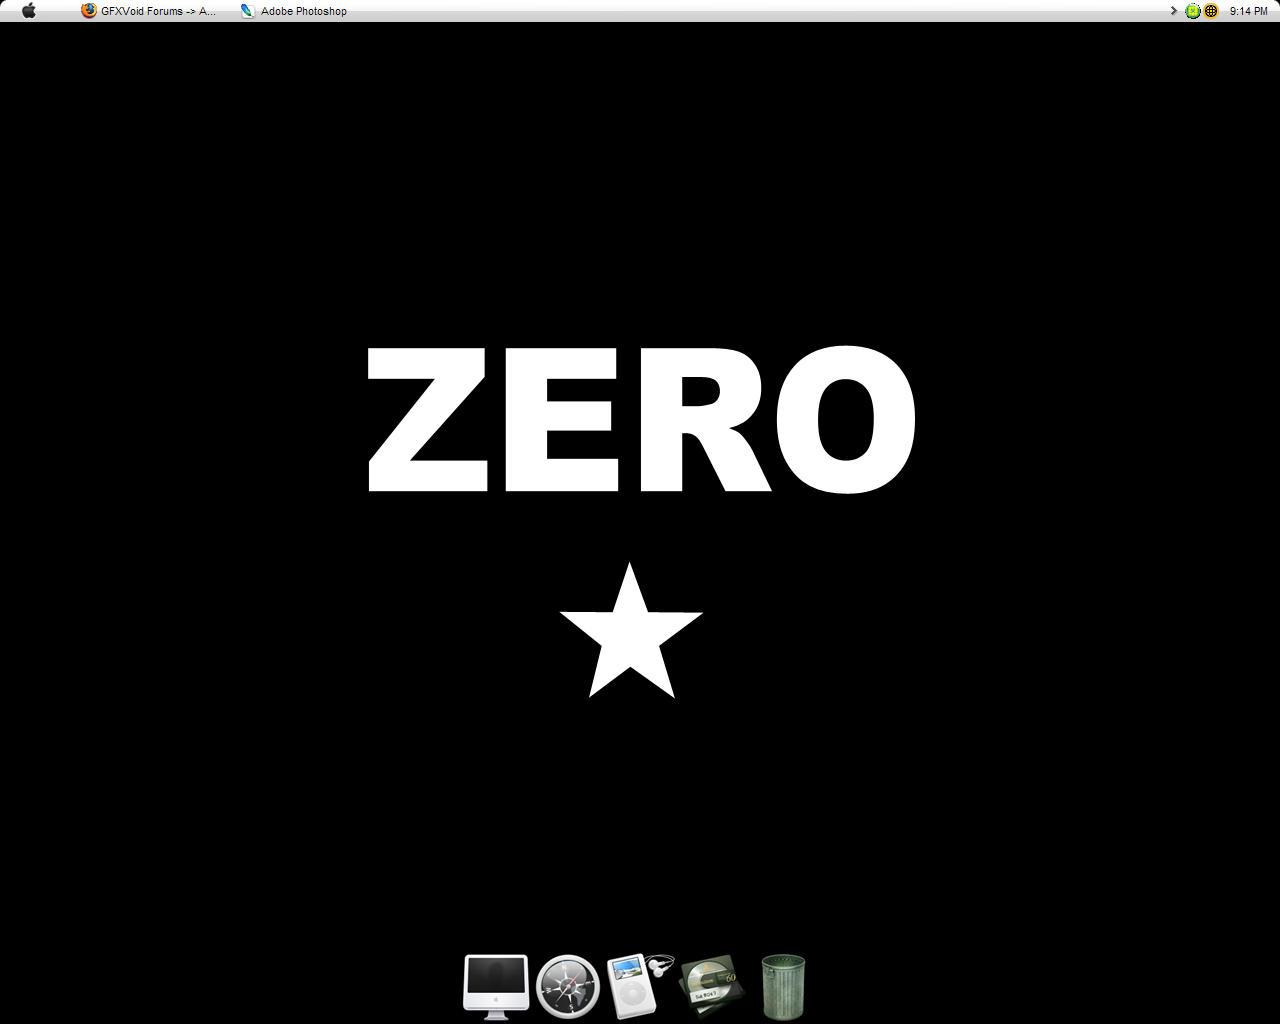 ZERO by zero-13